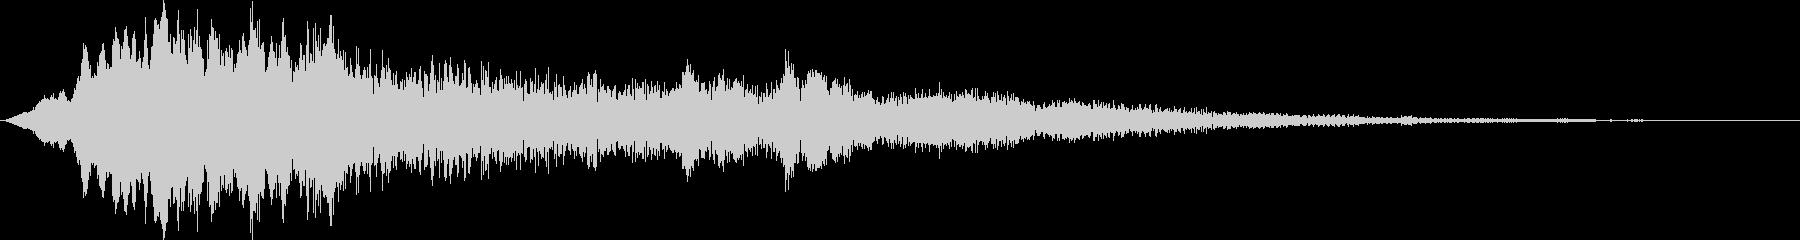 パルサーロゴ2の未再生の波形